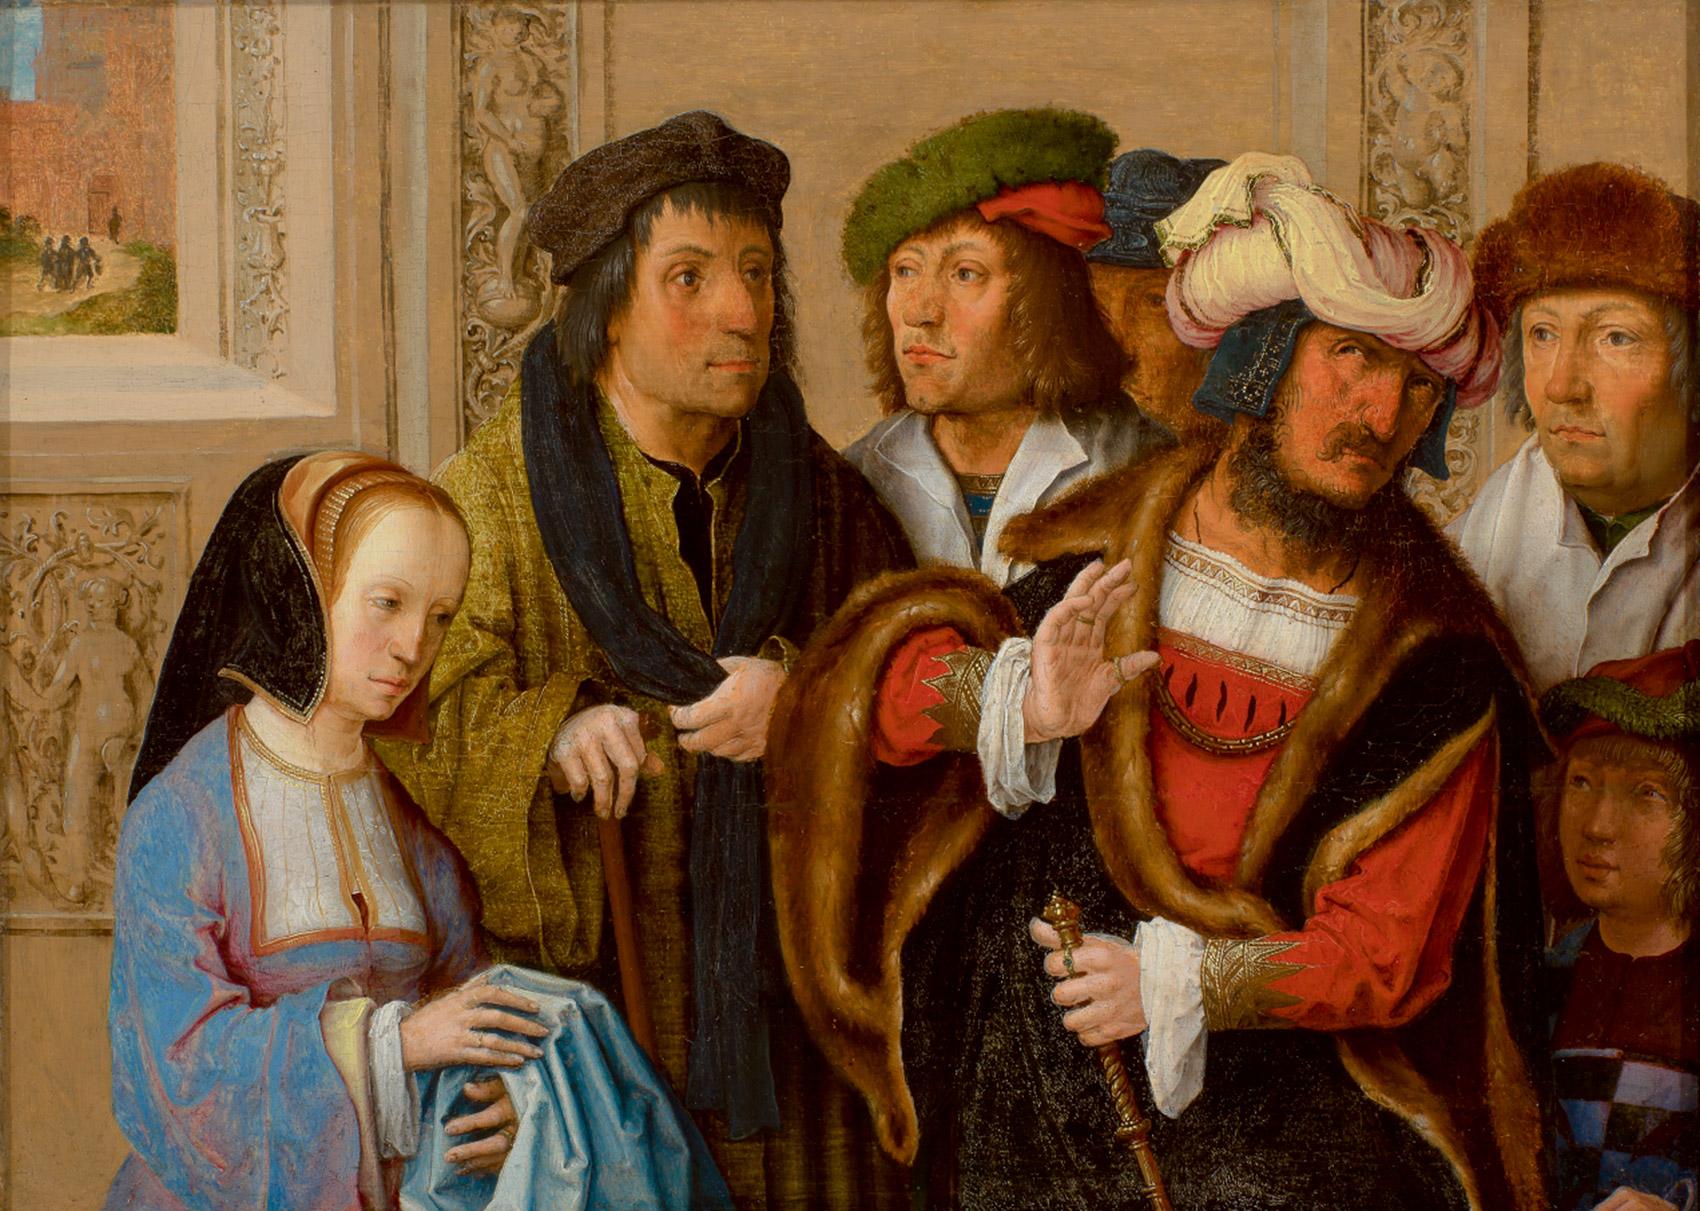 ルカス・ファン・レイデン「ヨセフの衣服を見せるポテパルの妻」1512年頃 油彩、板 Museum BVB, Rotterdam, the Netherlands